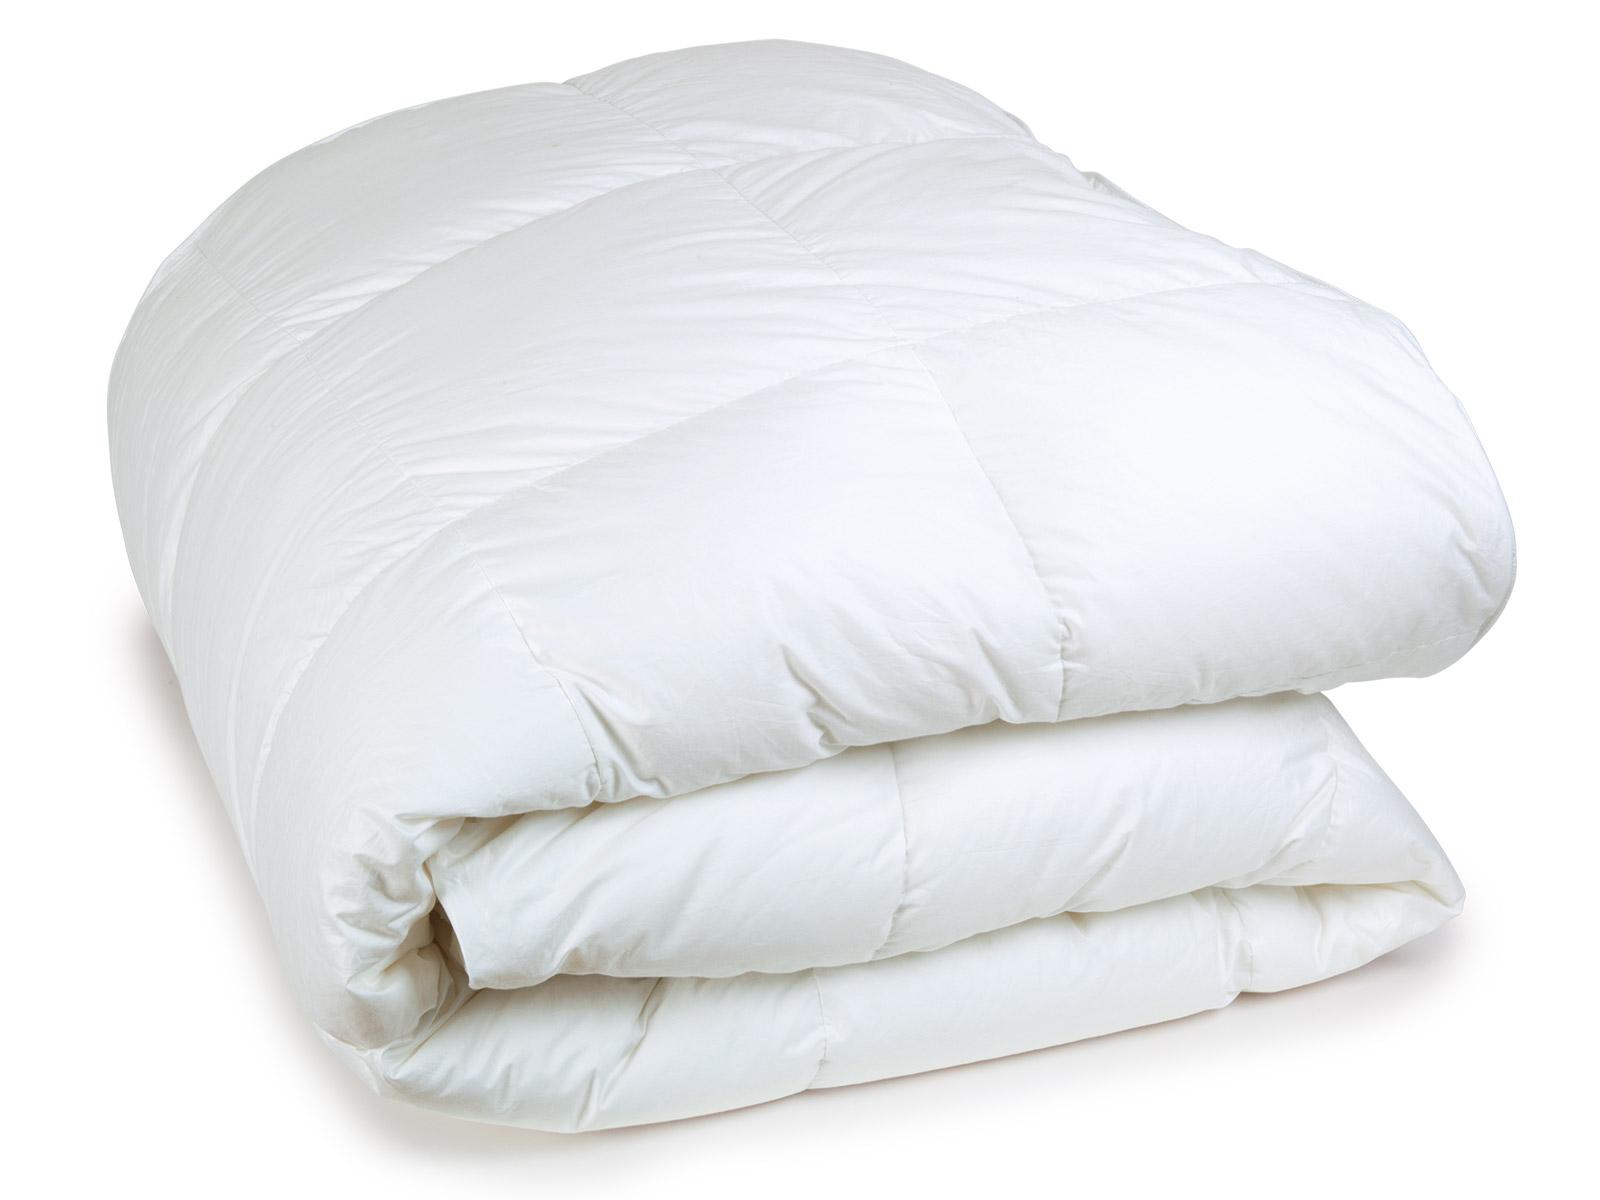 Comforter_Heidi_950_1239.jpg